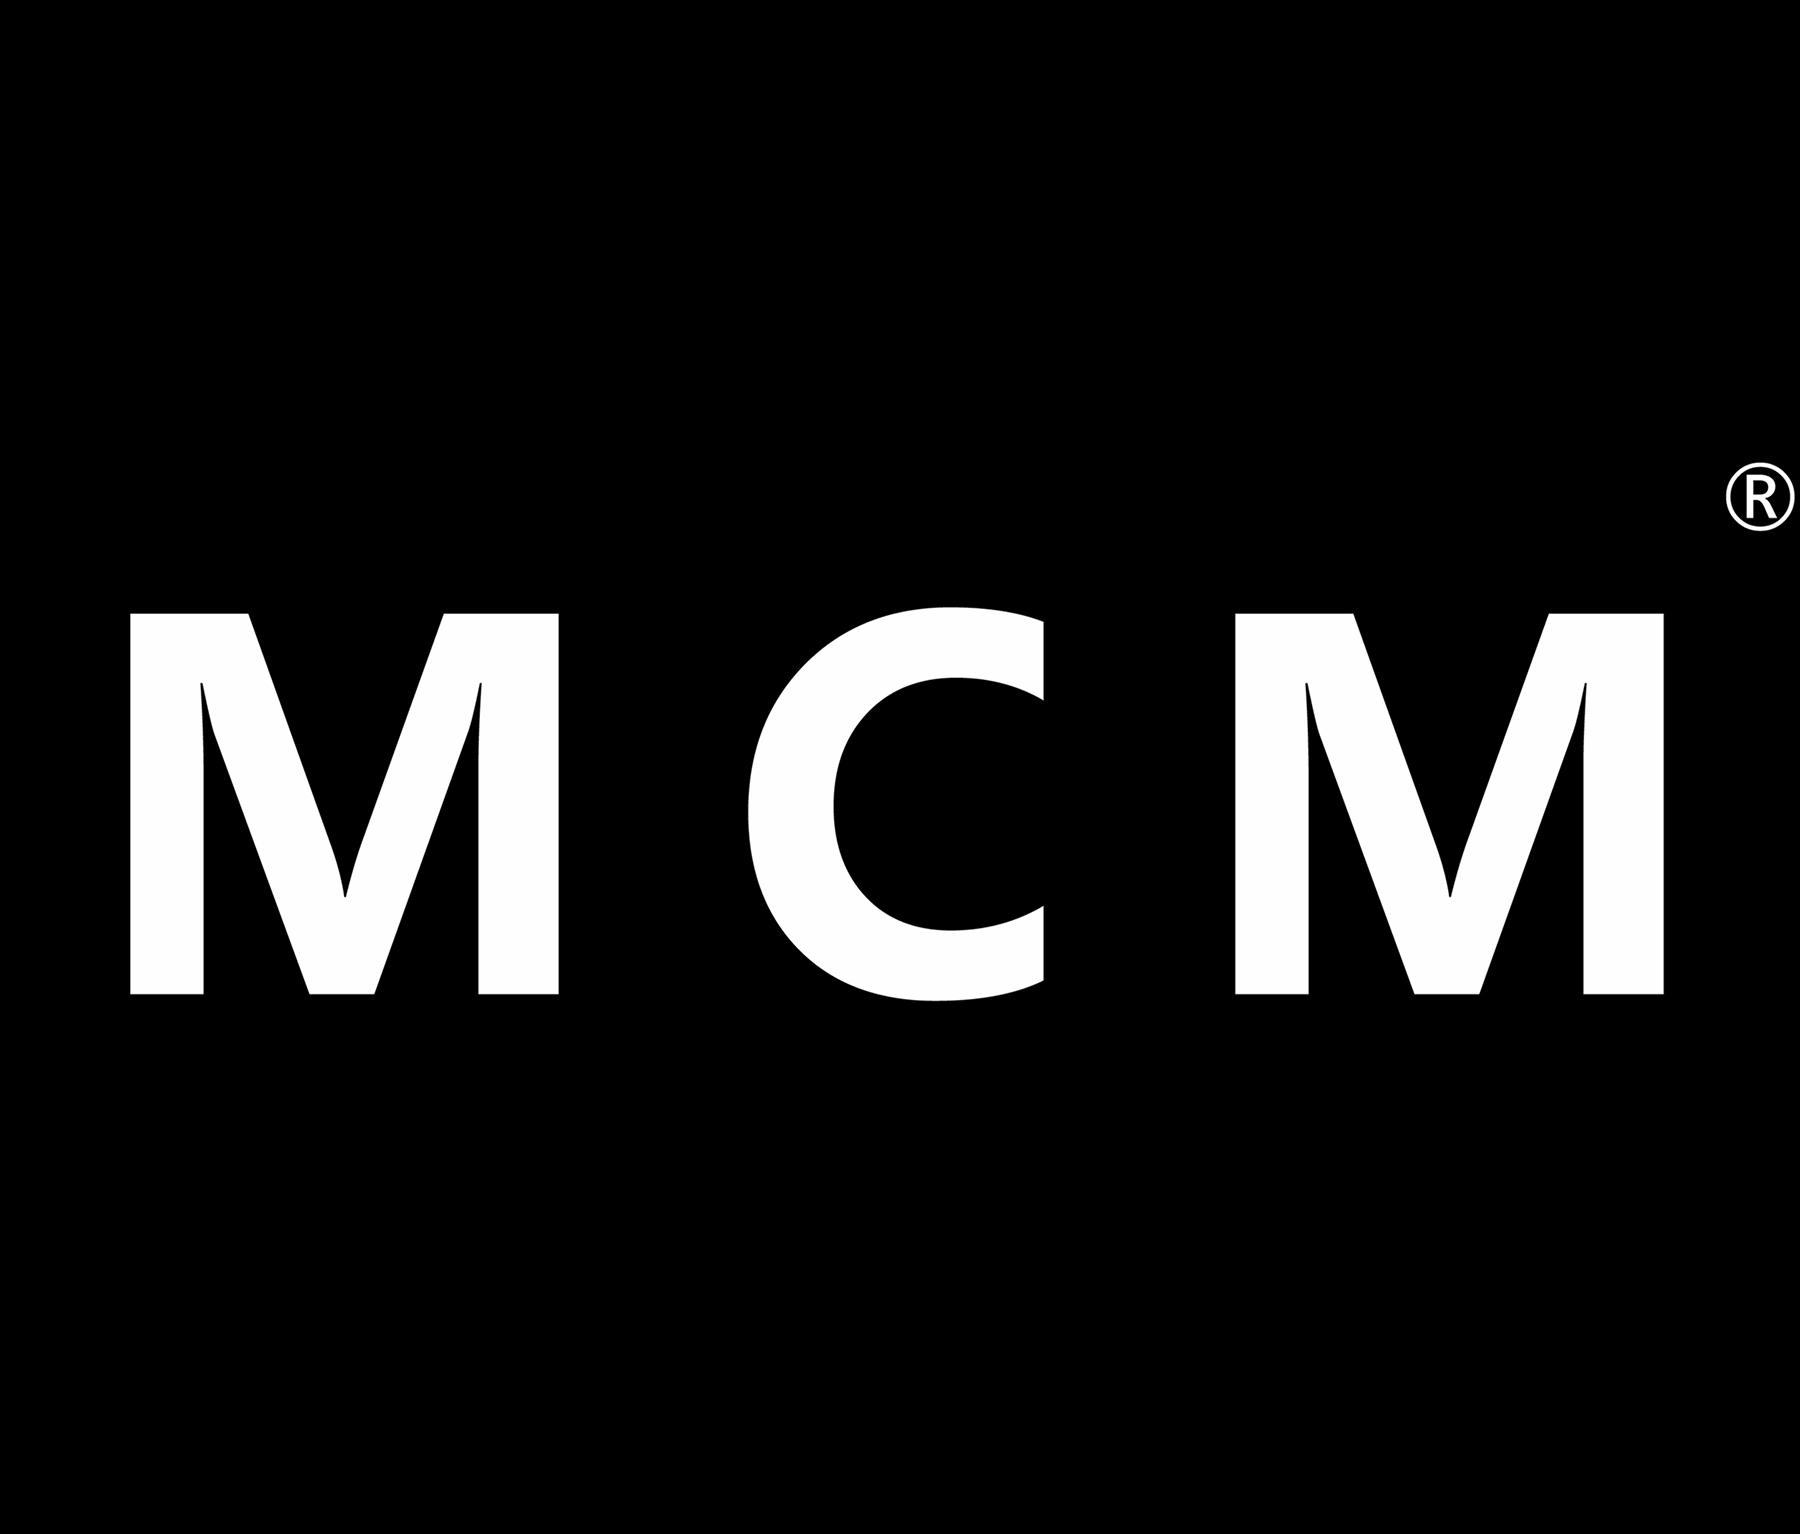 加拿大MCM规划建筑设计事务所(北京)